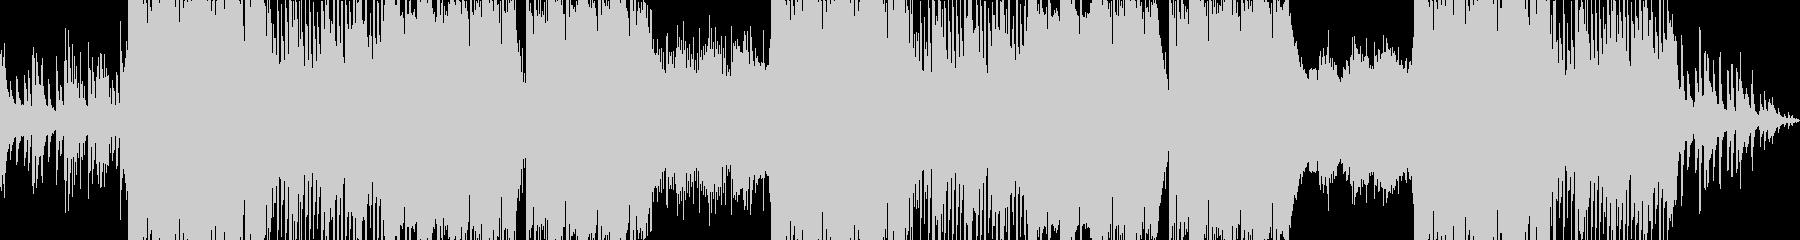 幻想的でエモーショナルなピアノトラップの未再生の波形